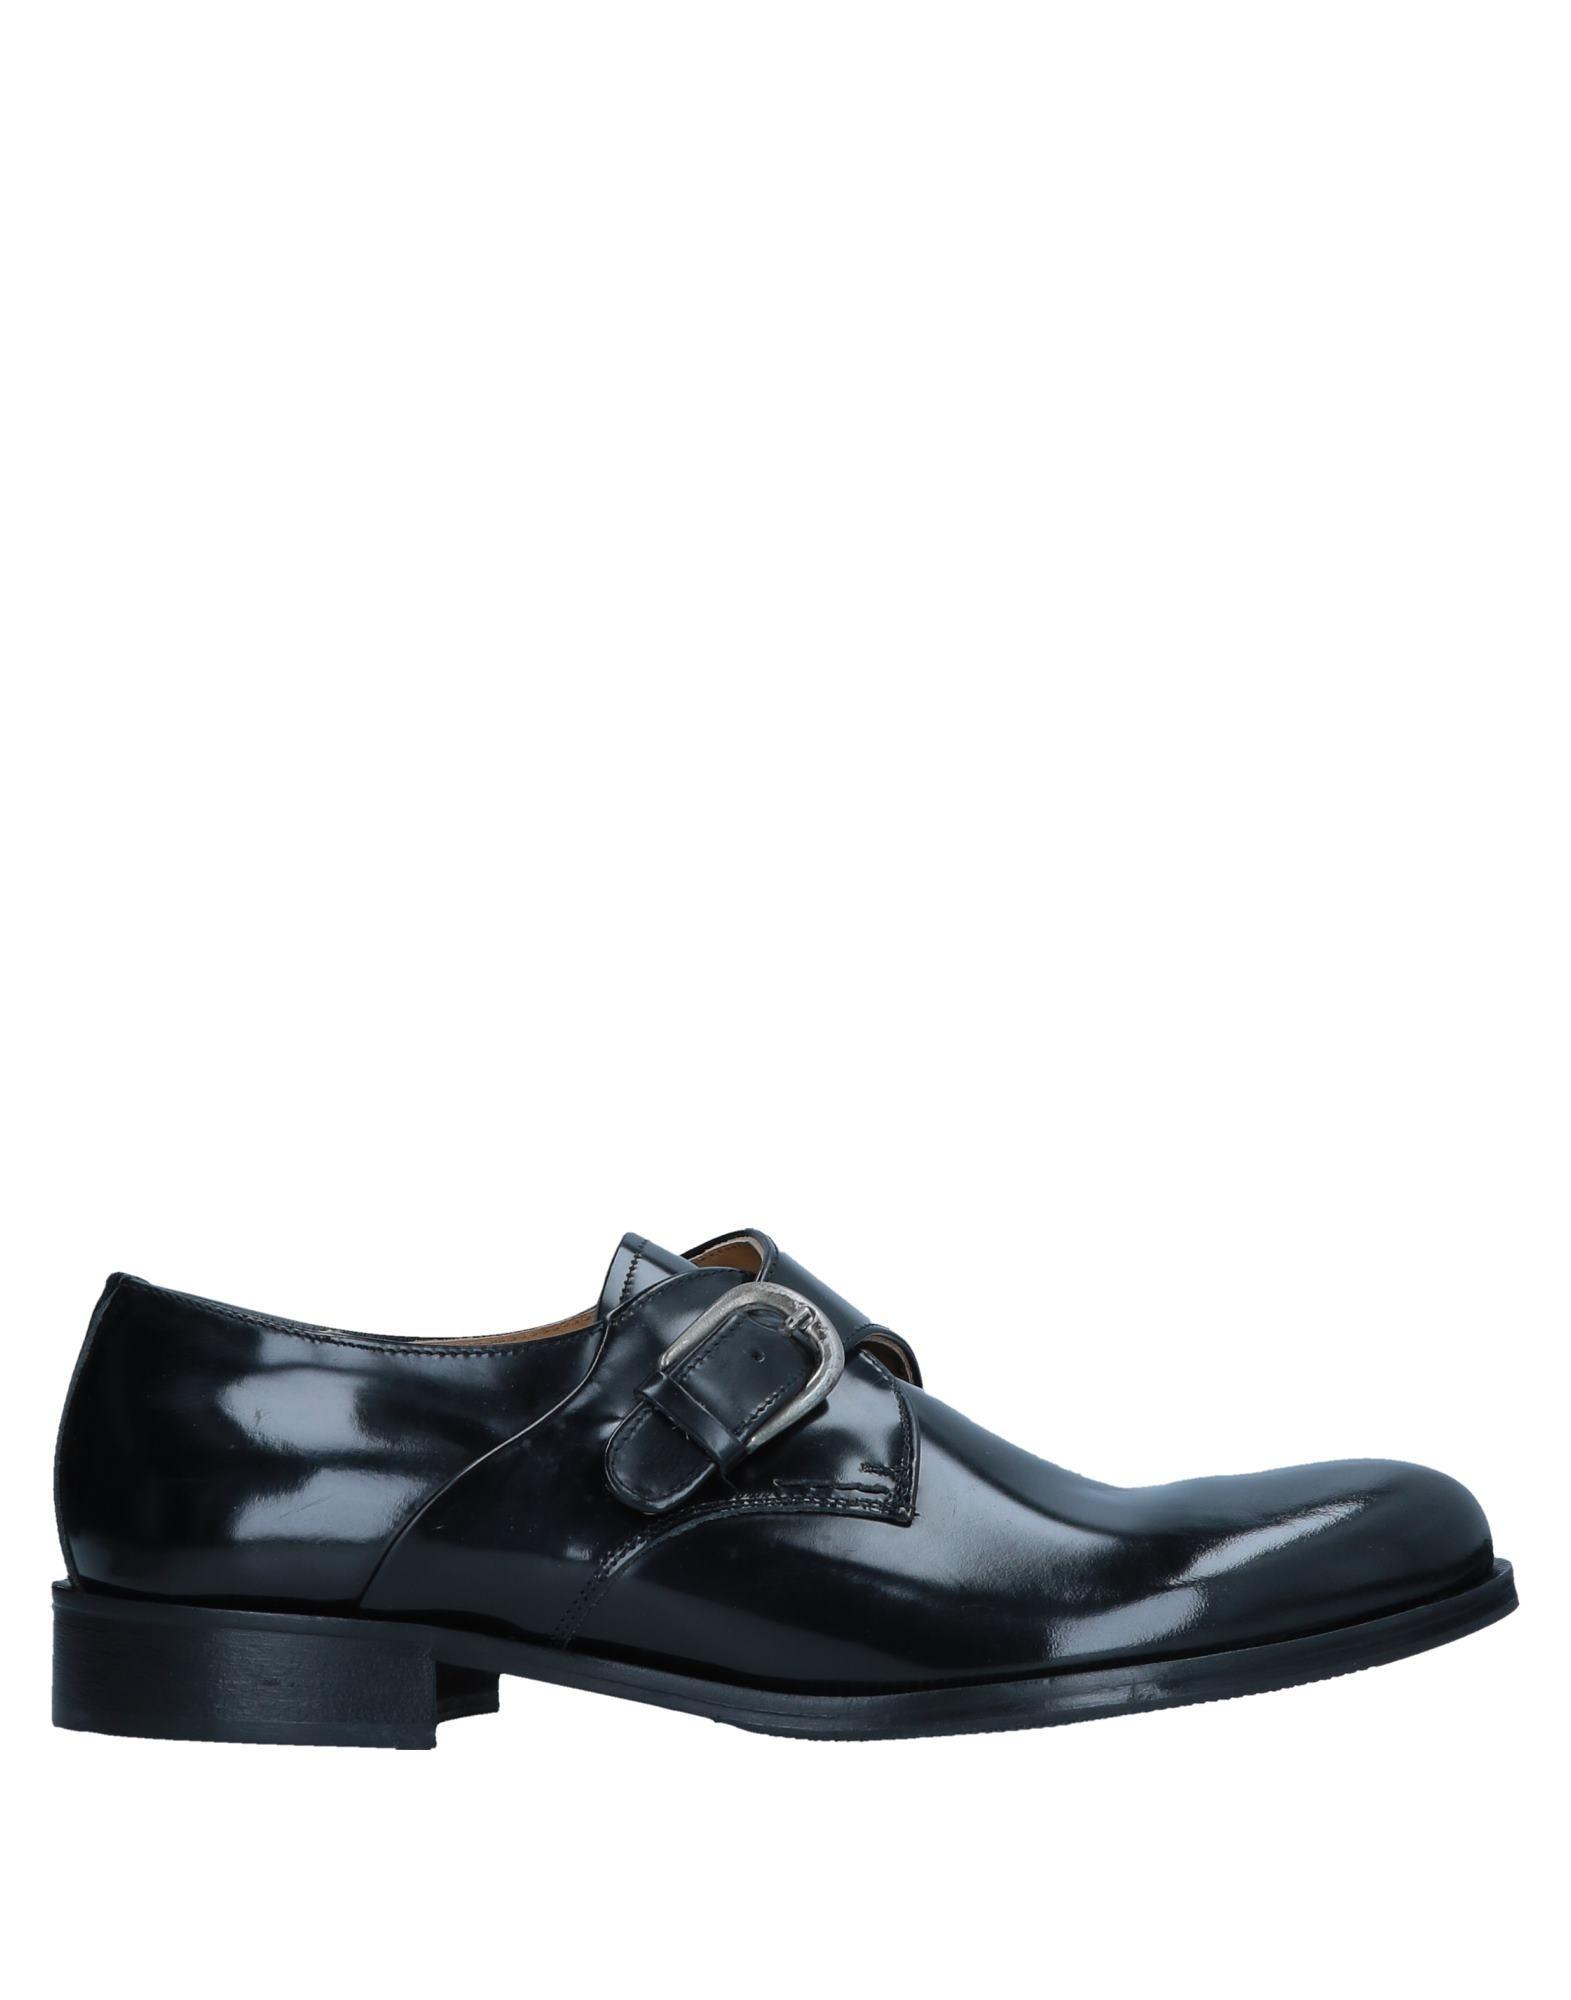 Bruno Magli Mokassins Herren  11552027GB Gute Qualität beliebte Schuhe